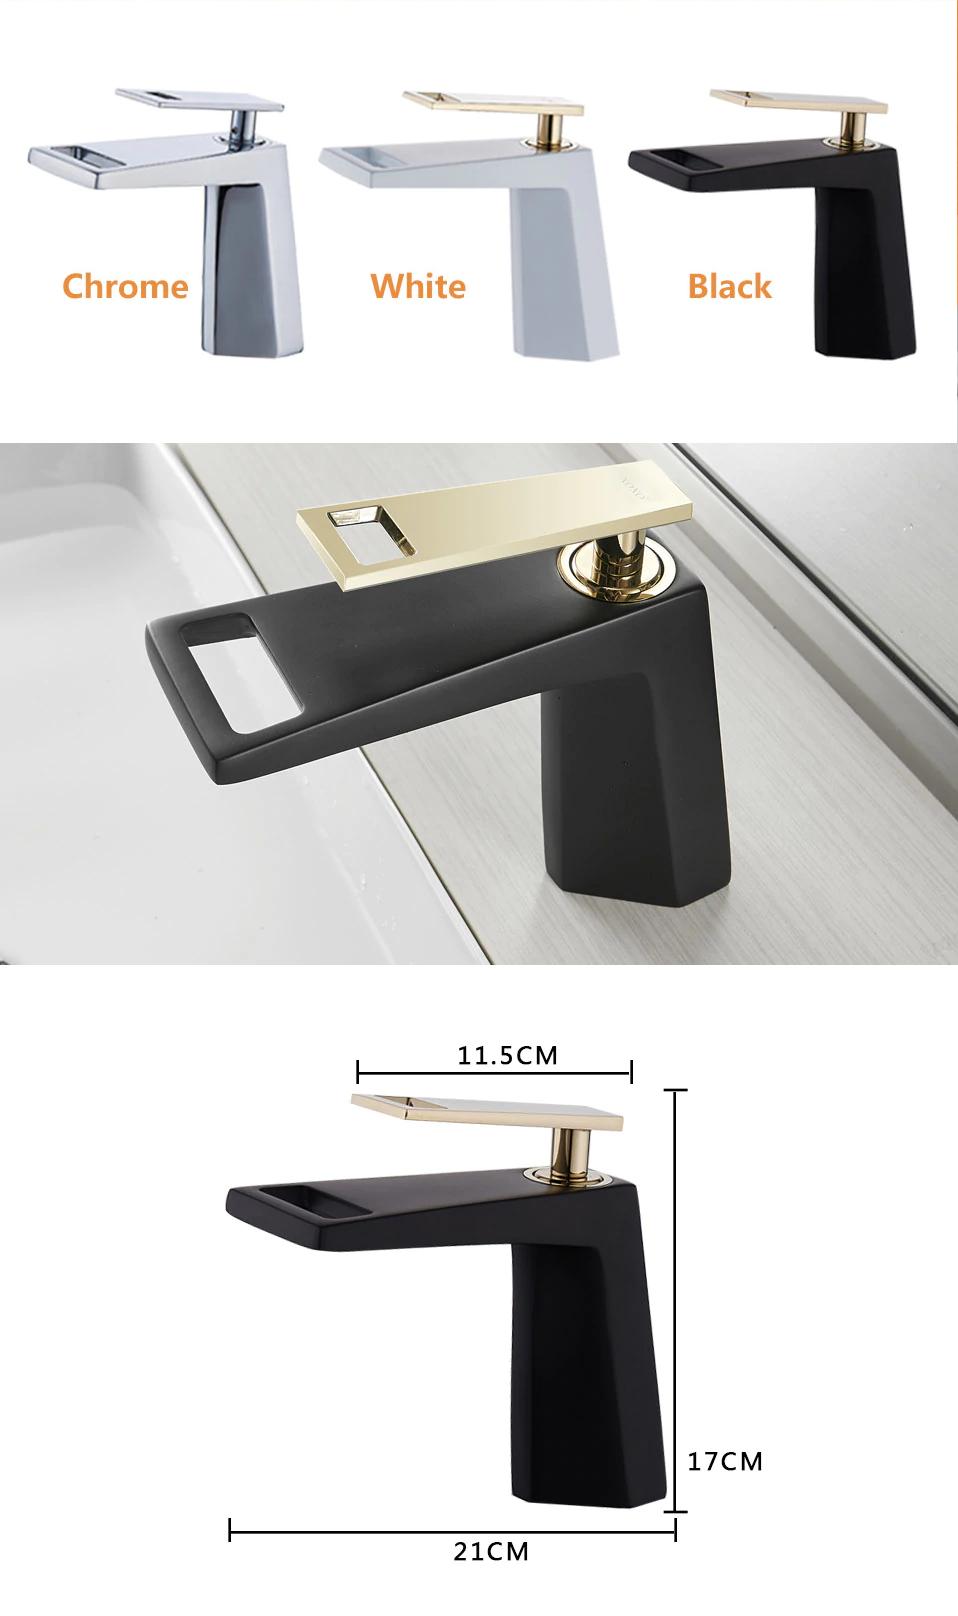 Black gold bathroom faucet